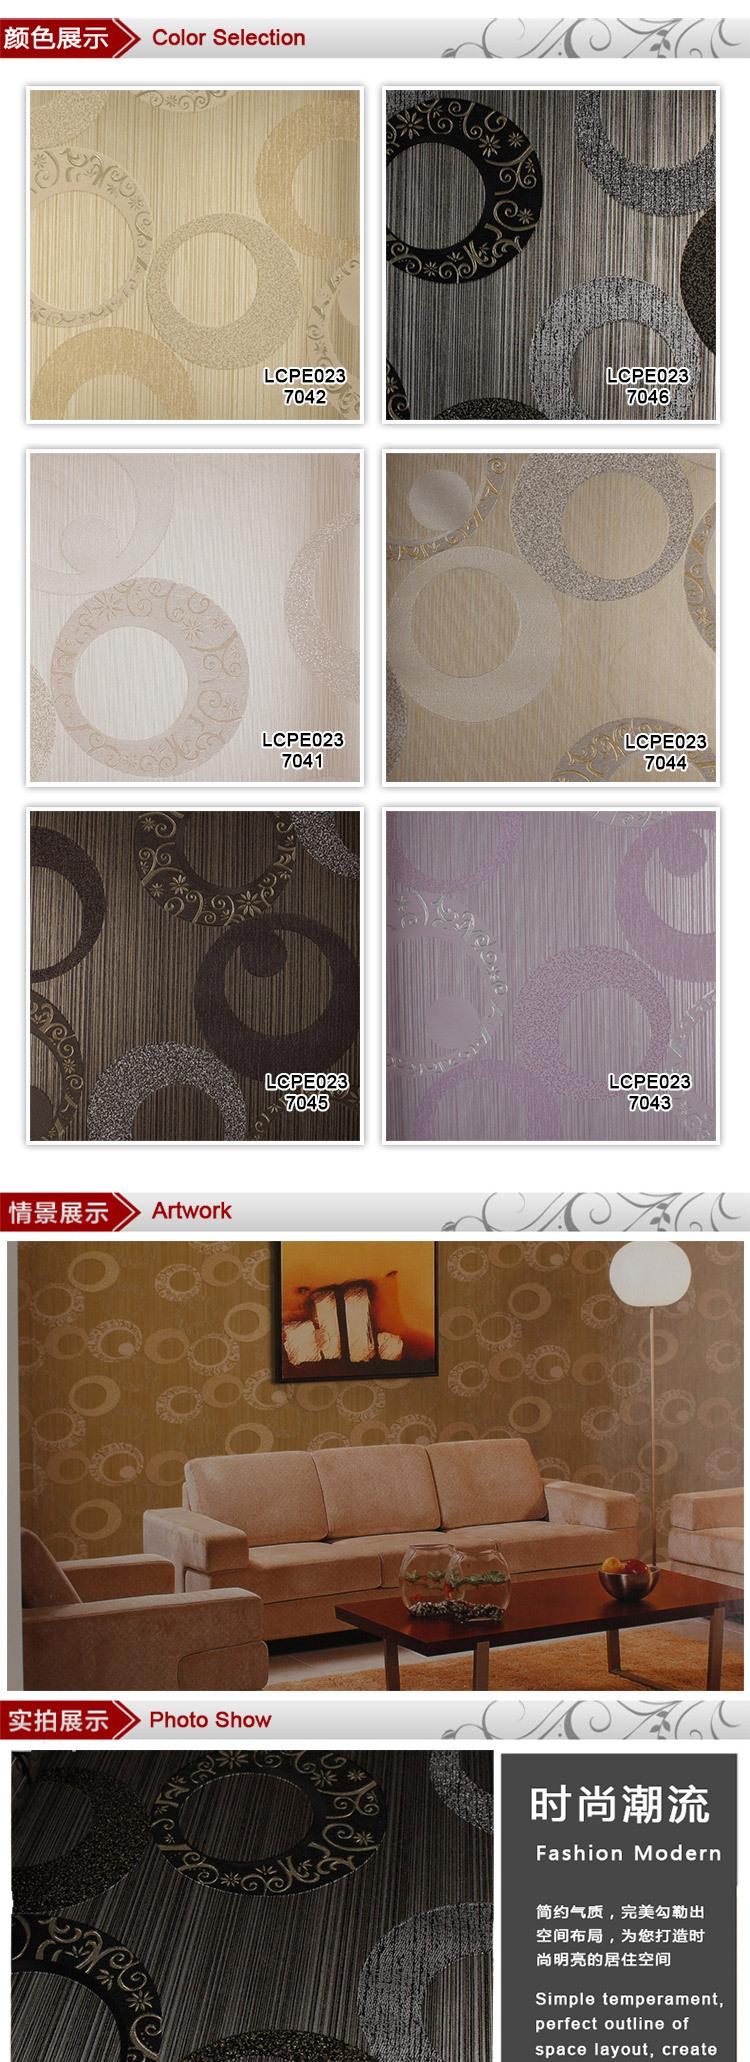 Afwasbaar Behang Kopen.Afwasbaar Behang Voor Keuken Great Klassiek Design Afwasbaar Behang